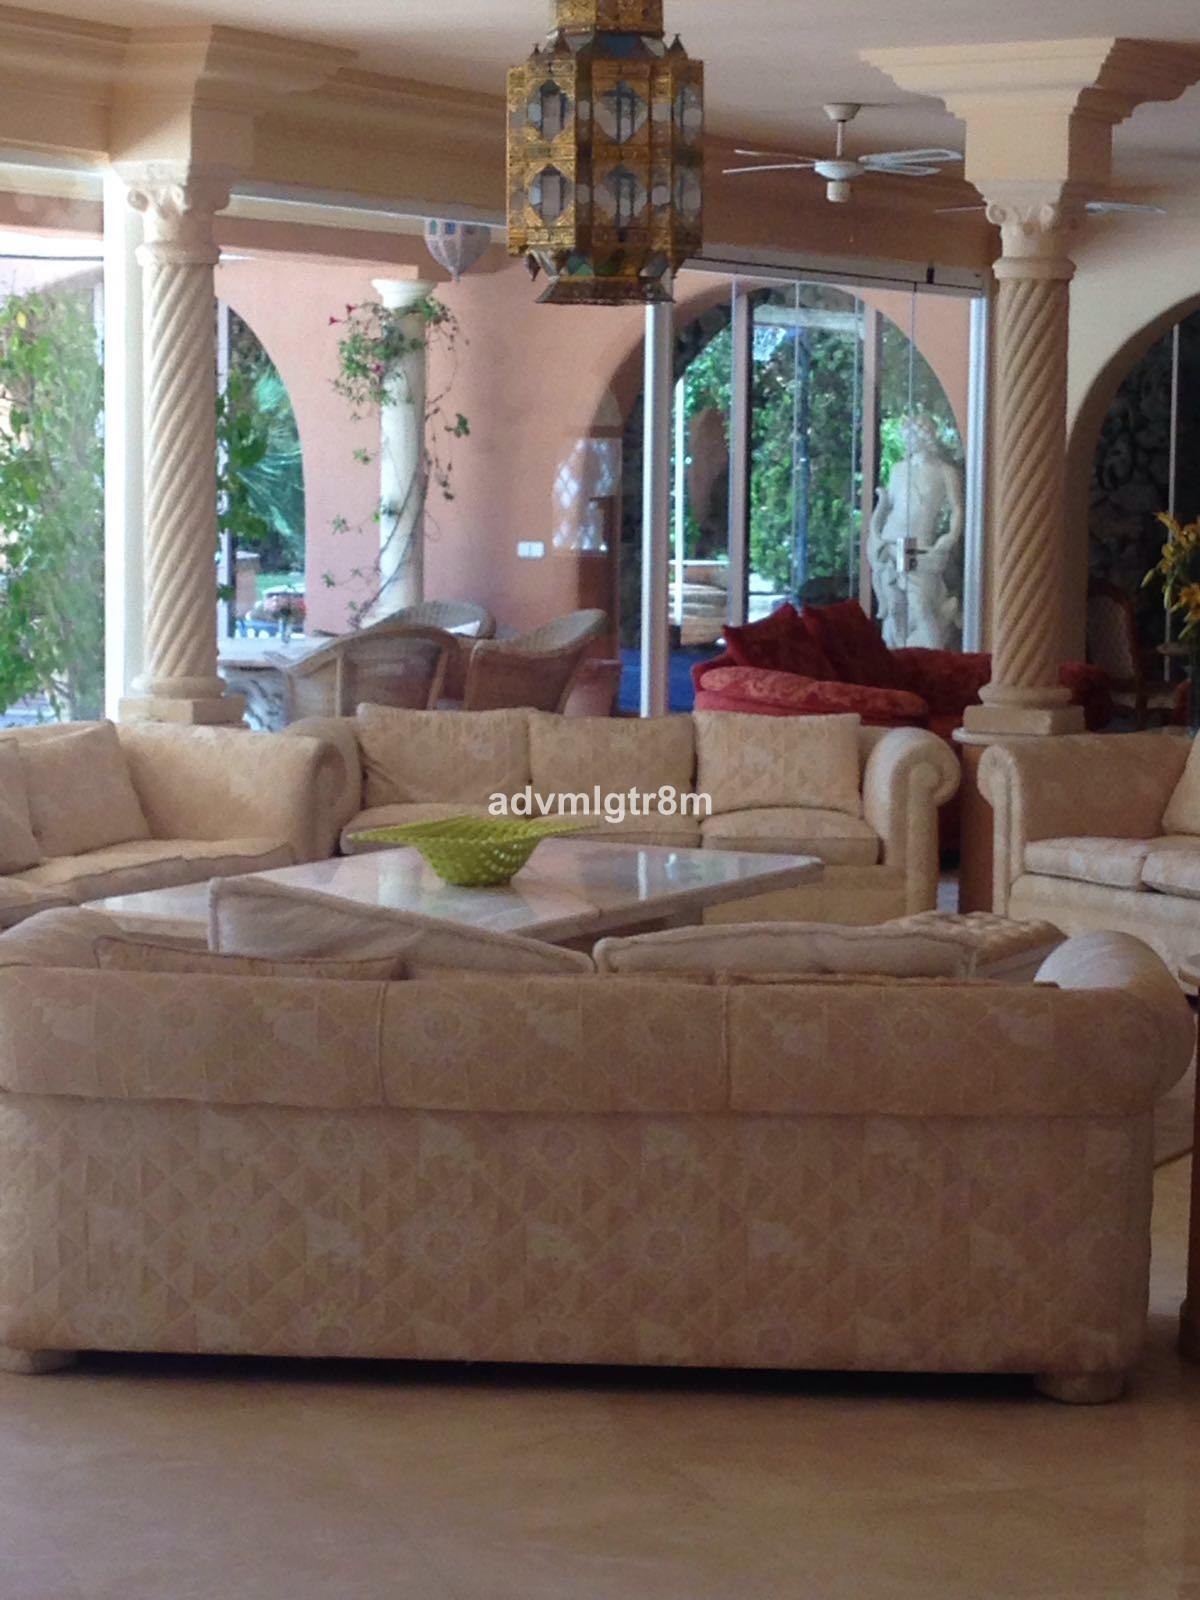 Villa con 8 Dormitorios en Venta Marbella